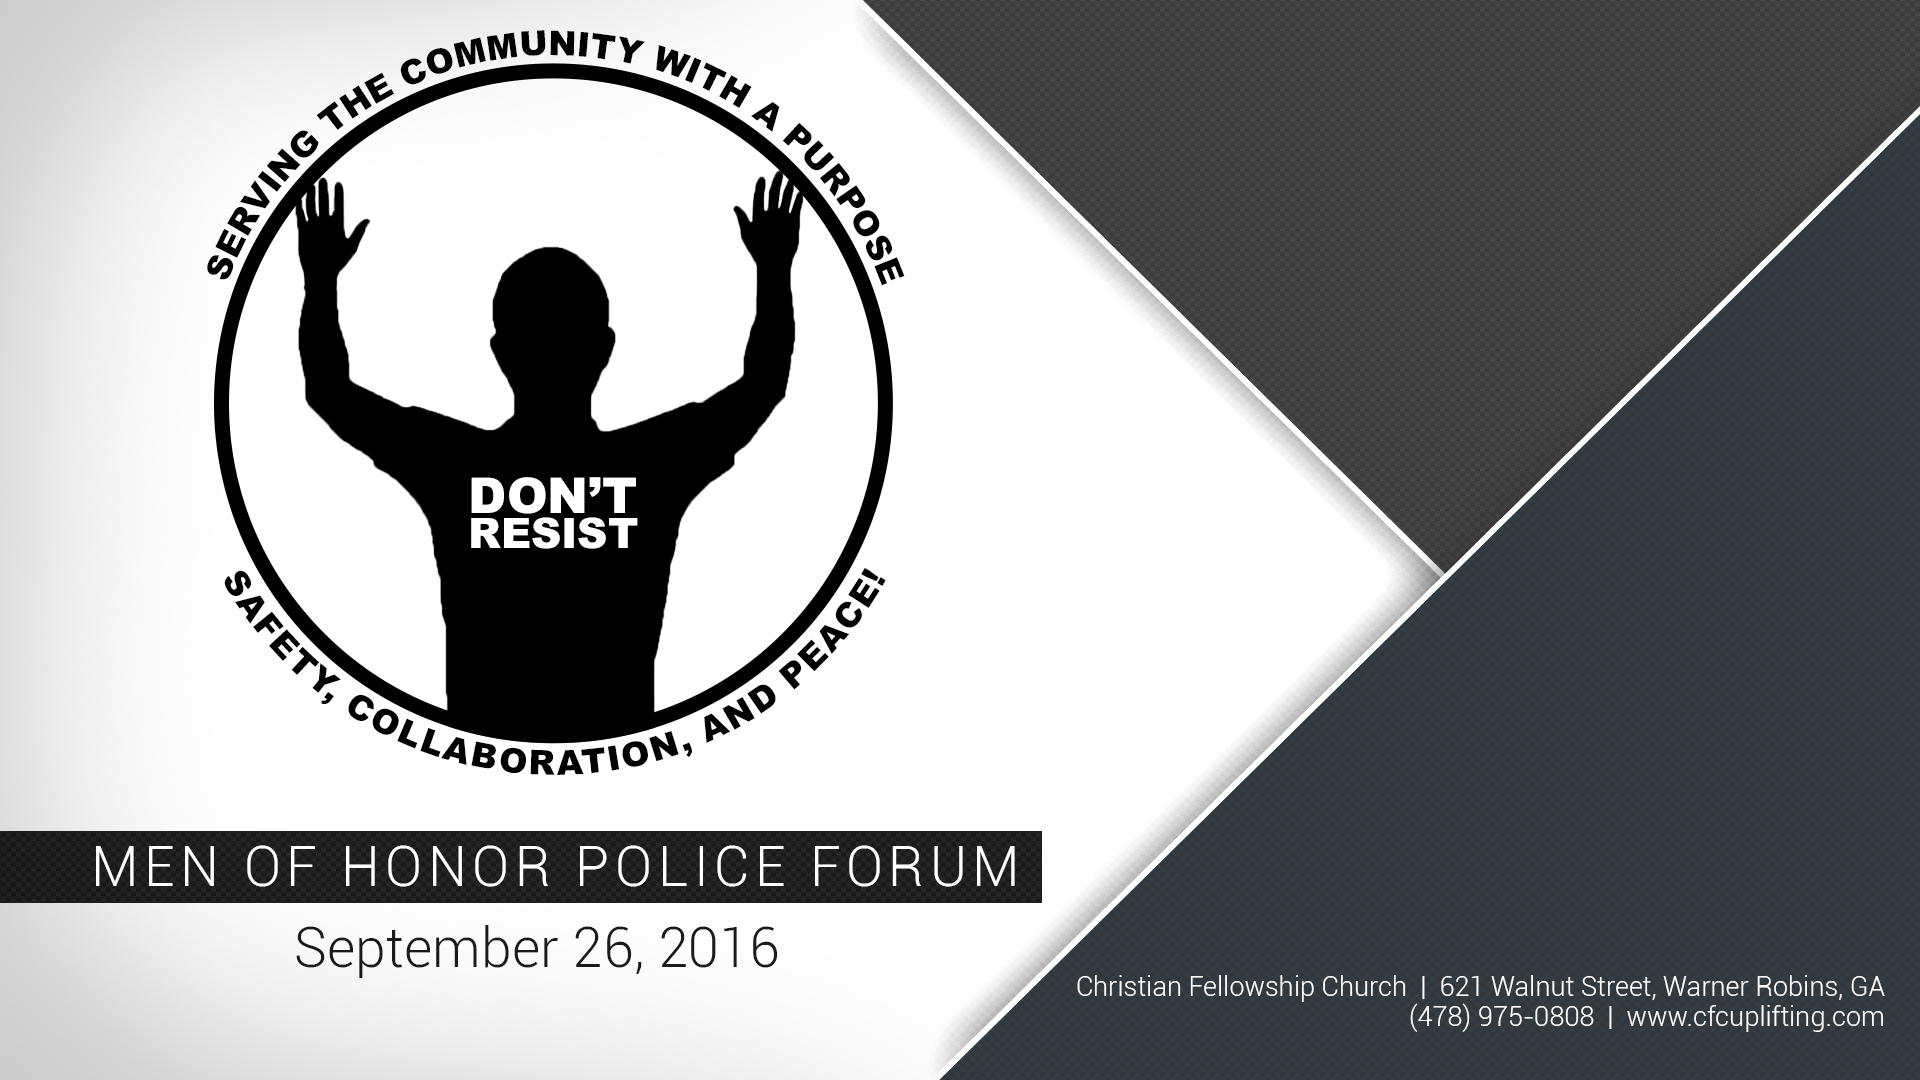 201609926_MOH_PoliceForum_Full